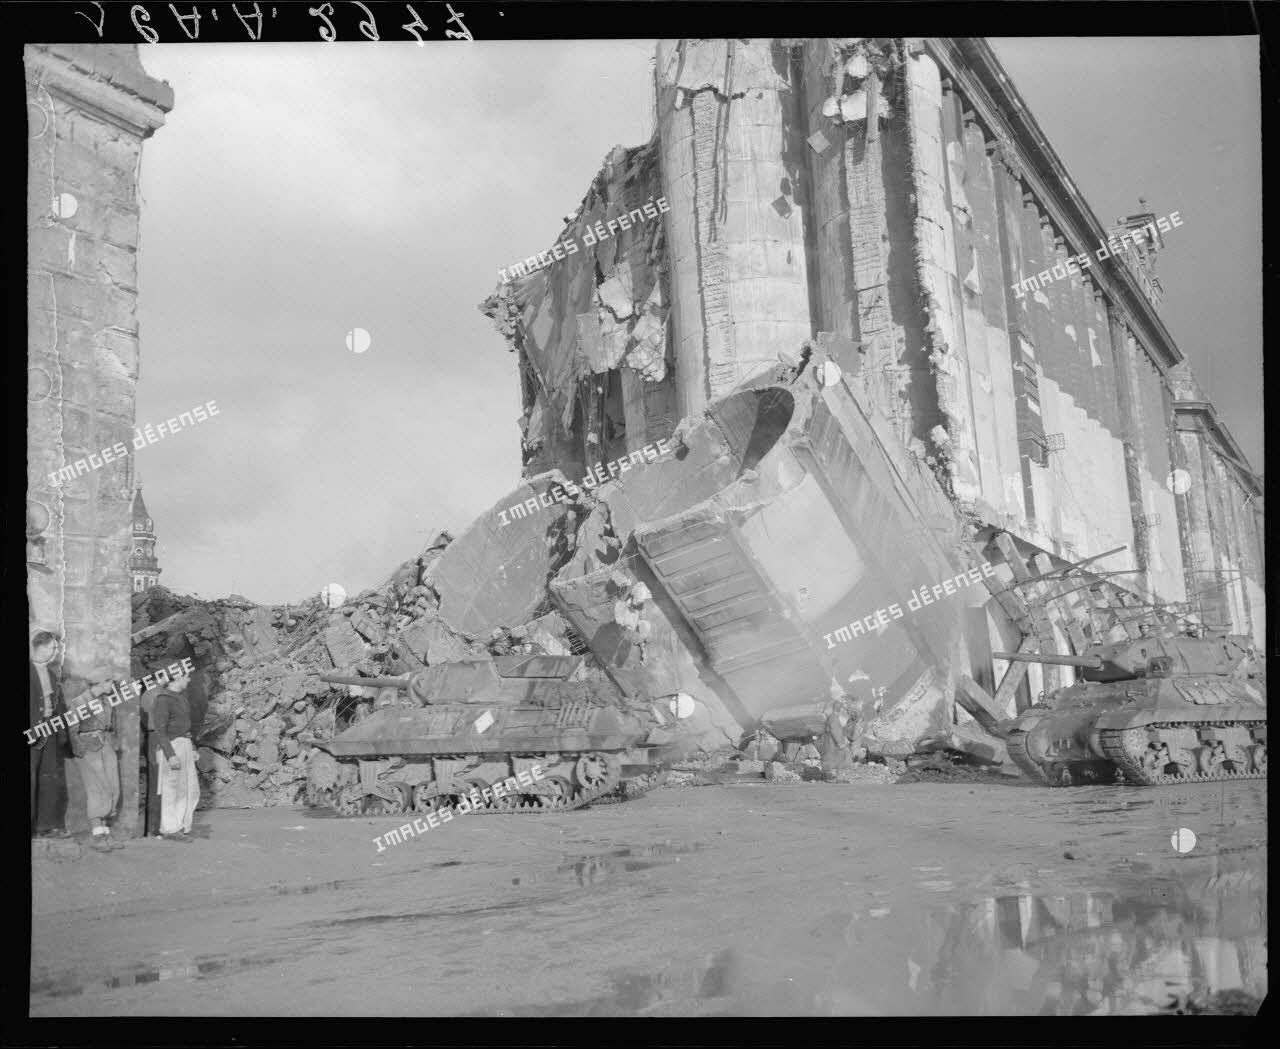 Des chasseurs de chars TD M10 (ou tanks destroyers) du 2e escadron du 8e régiment de chasseurs d'Afrique (RCA) rejoignent une zone de regroupement après avoir débarqué sur un quai du port de Naples.